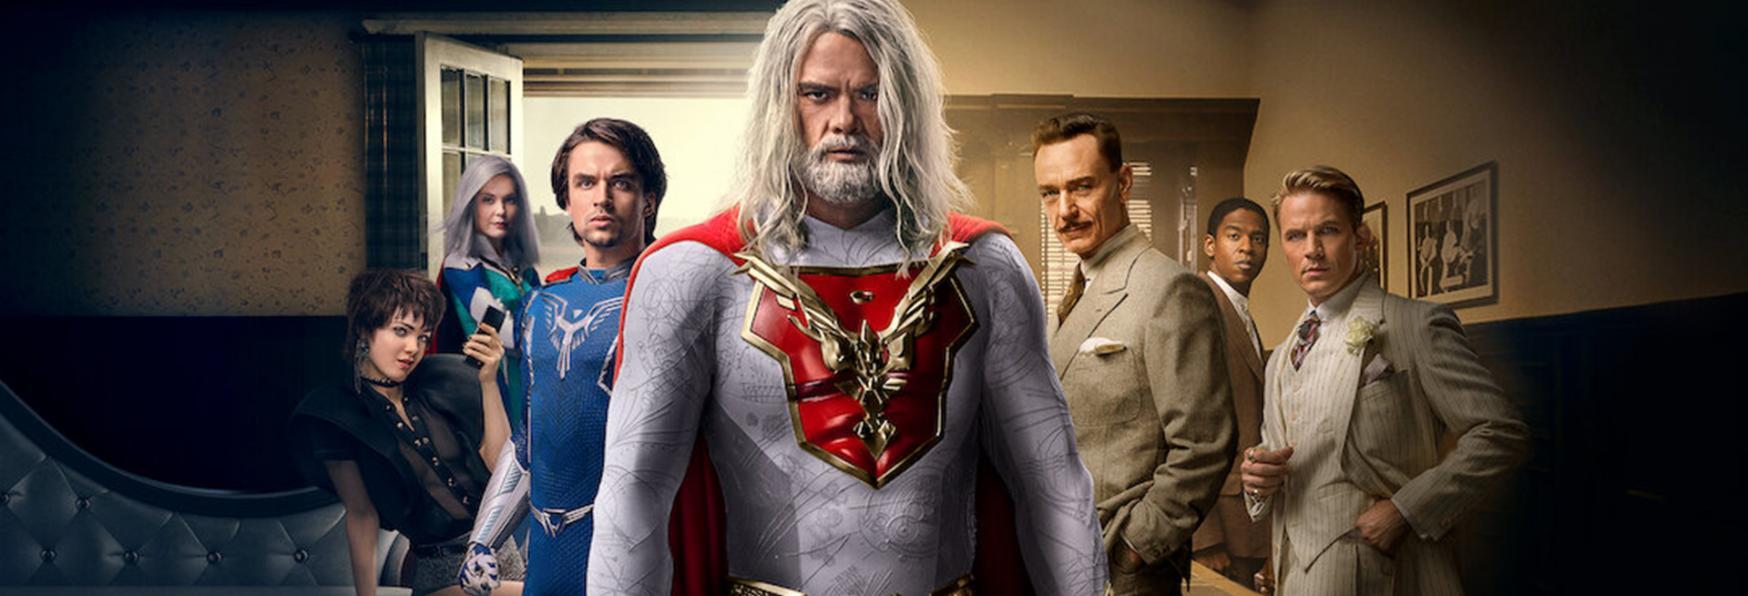 Jupiter's Legacy: i Commenti del Cast alla Cancellazione della Serie TV